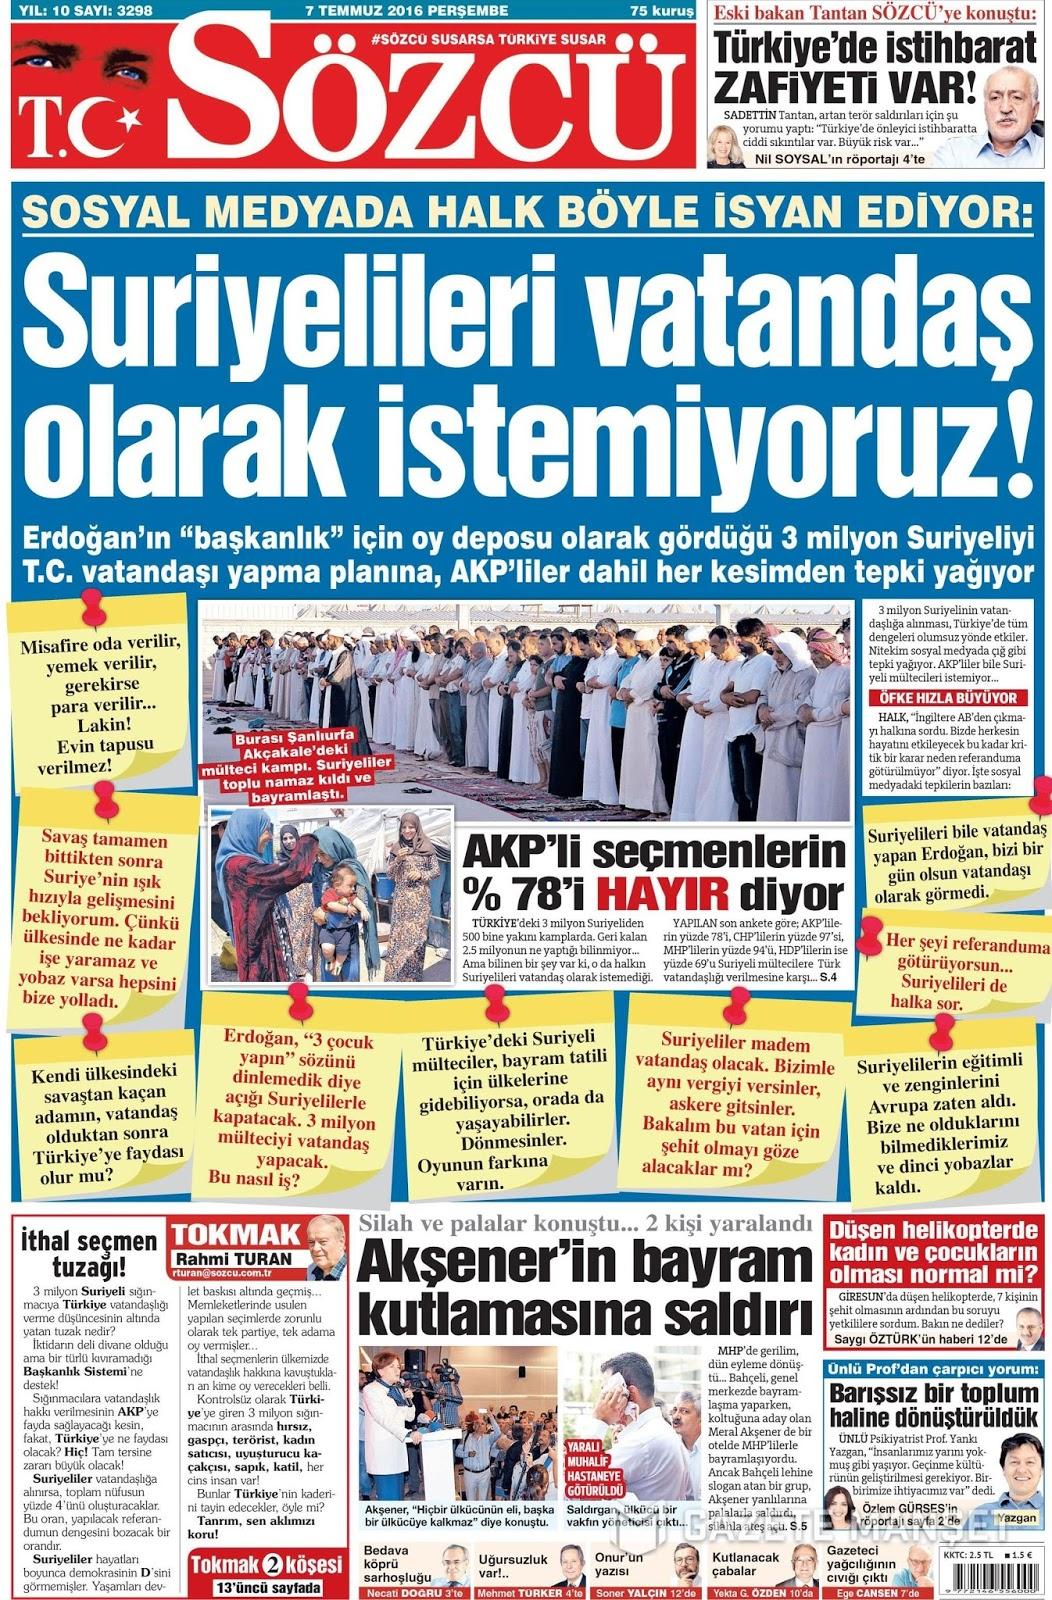 AKPli Şahin: Gün Gelecek AB Bize Muhtaç Olacak 9